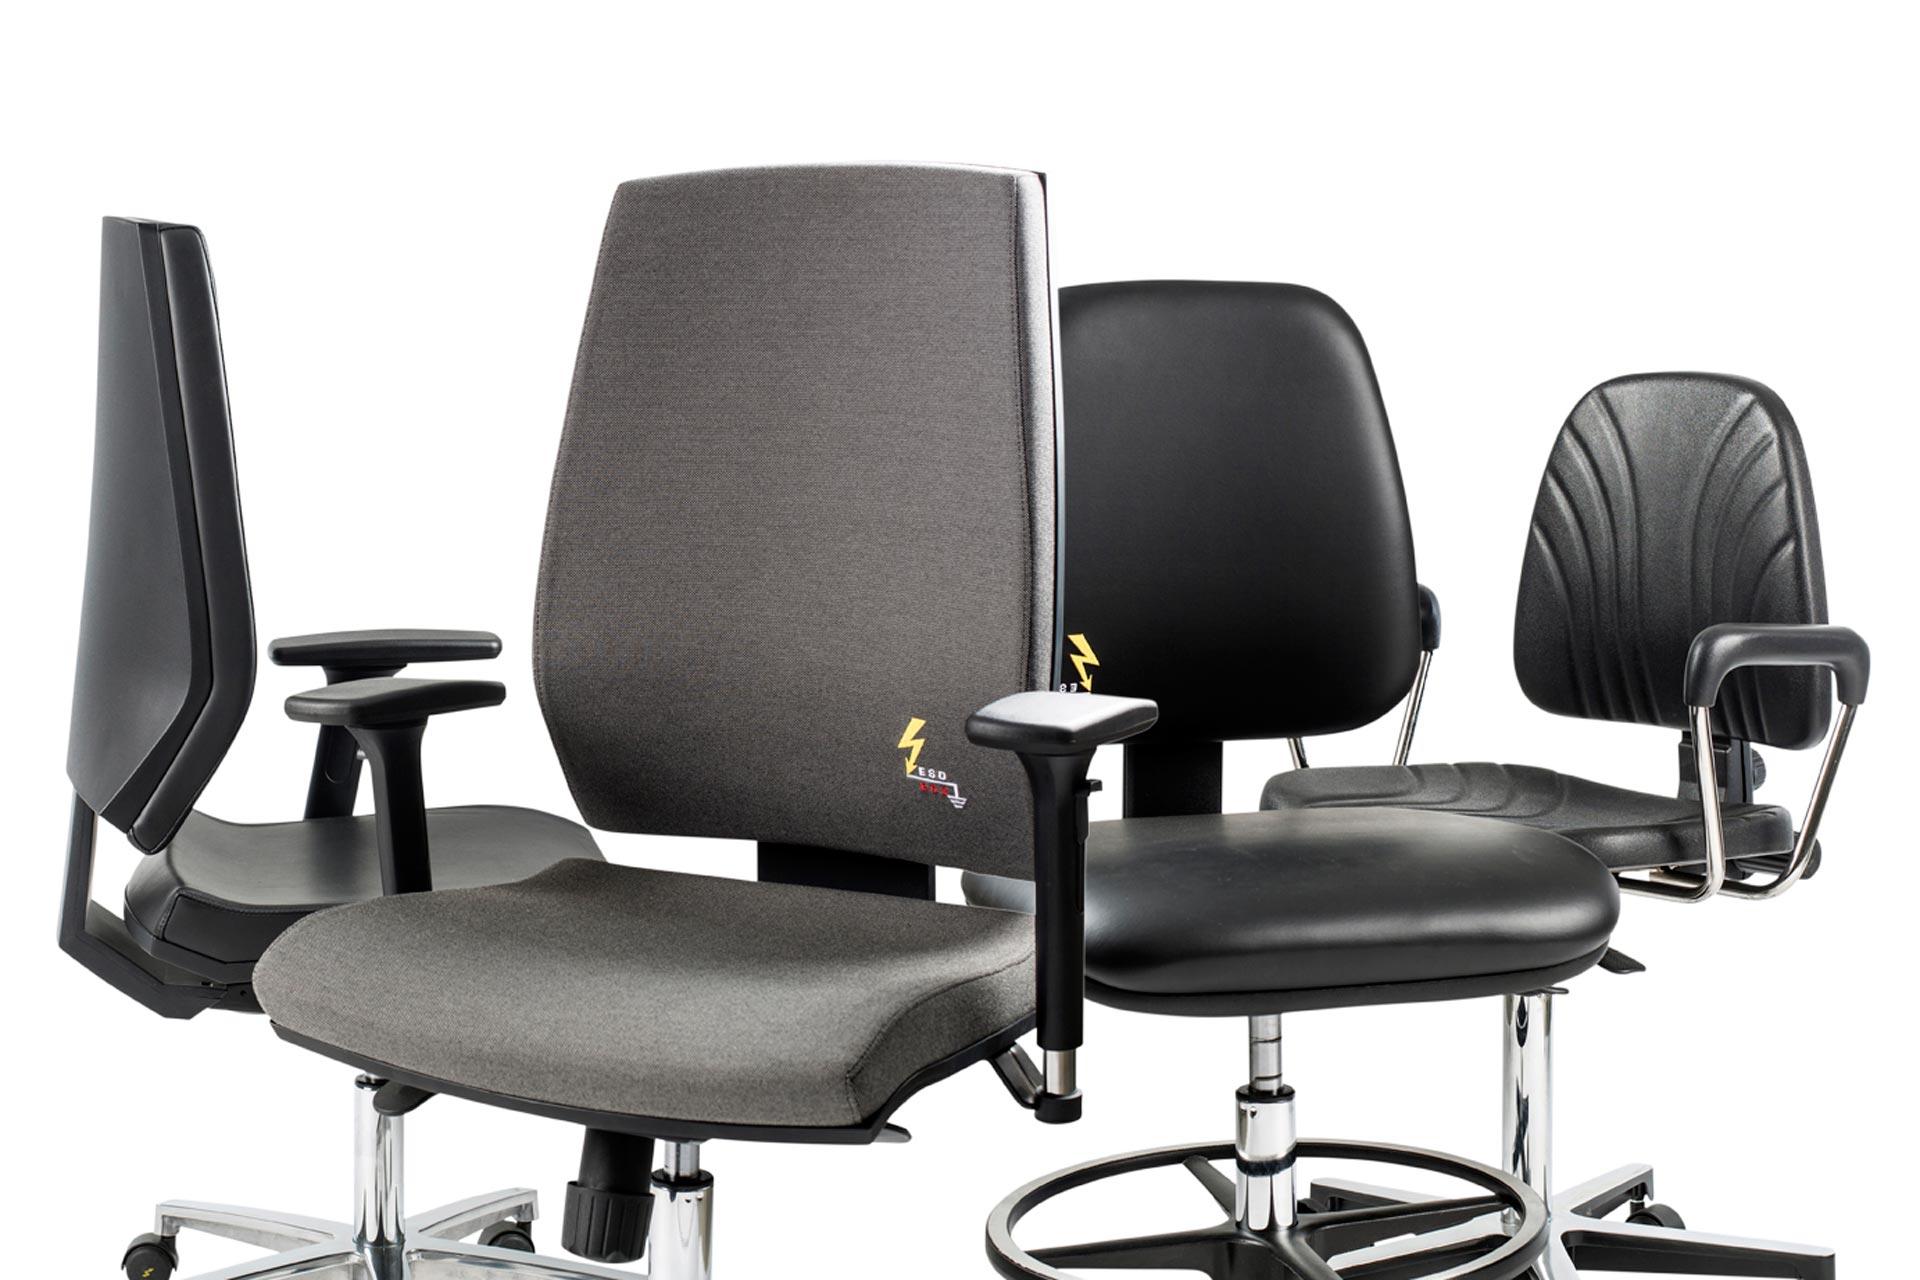 Sedie da ufficio: comode, eleganti, durevoli